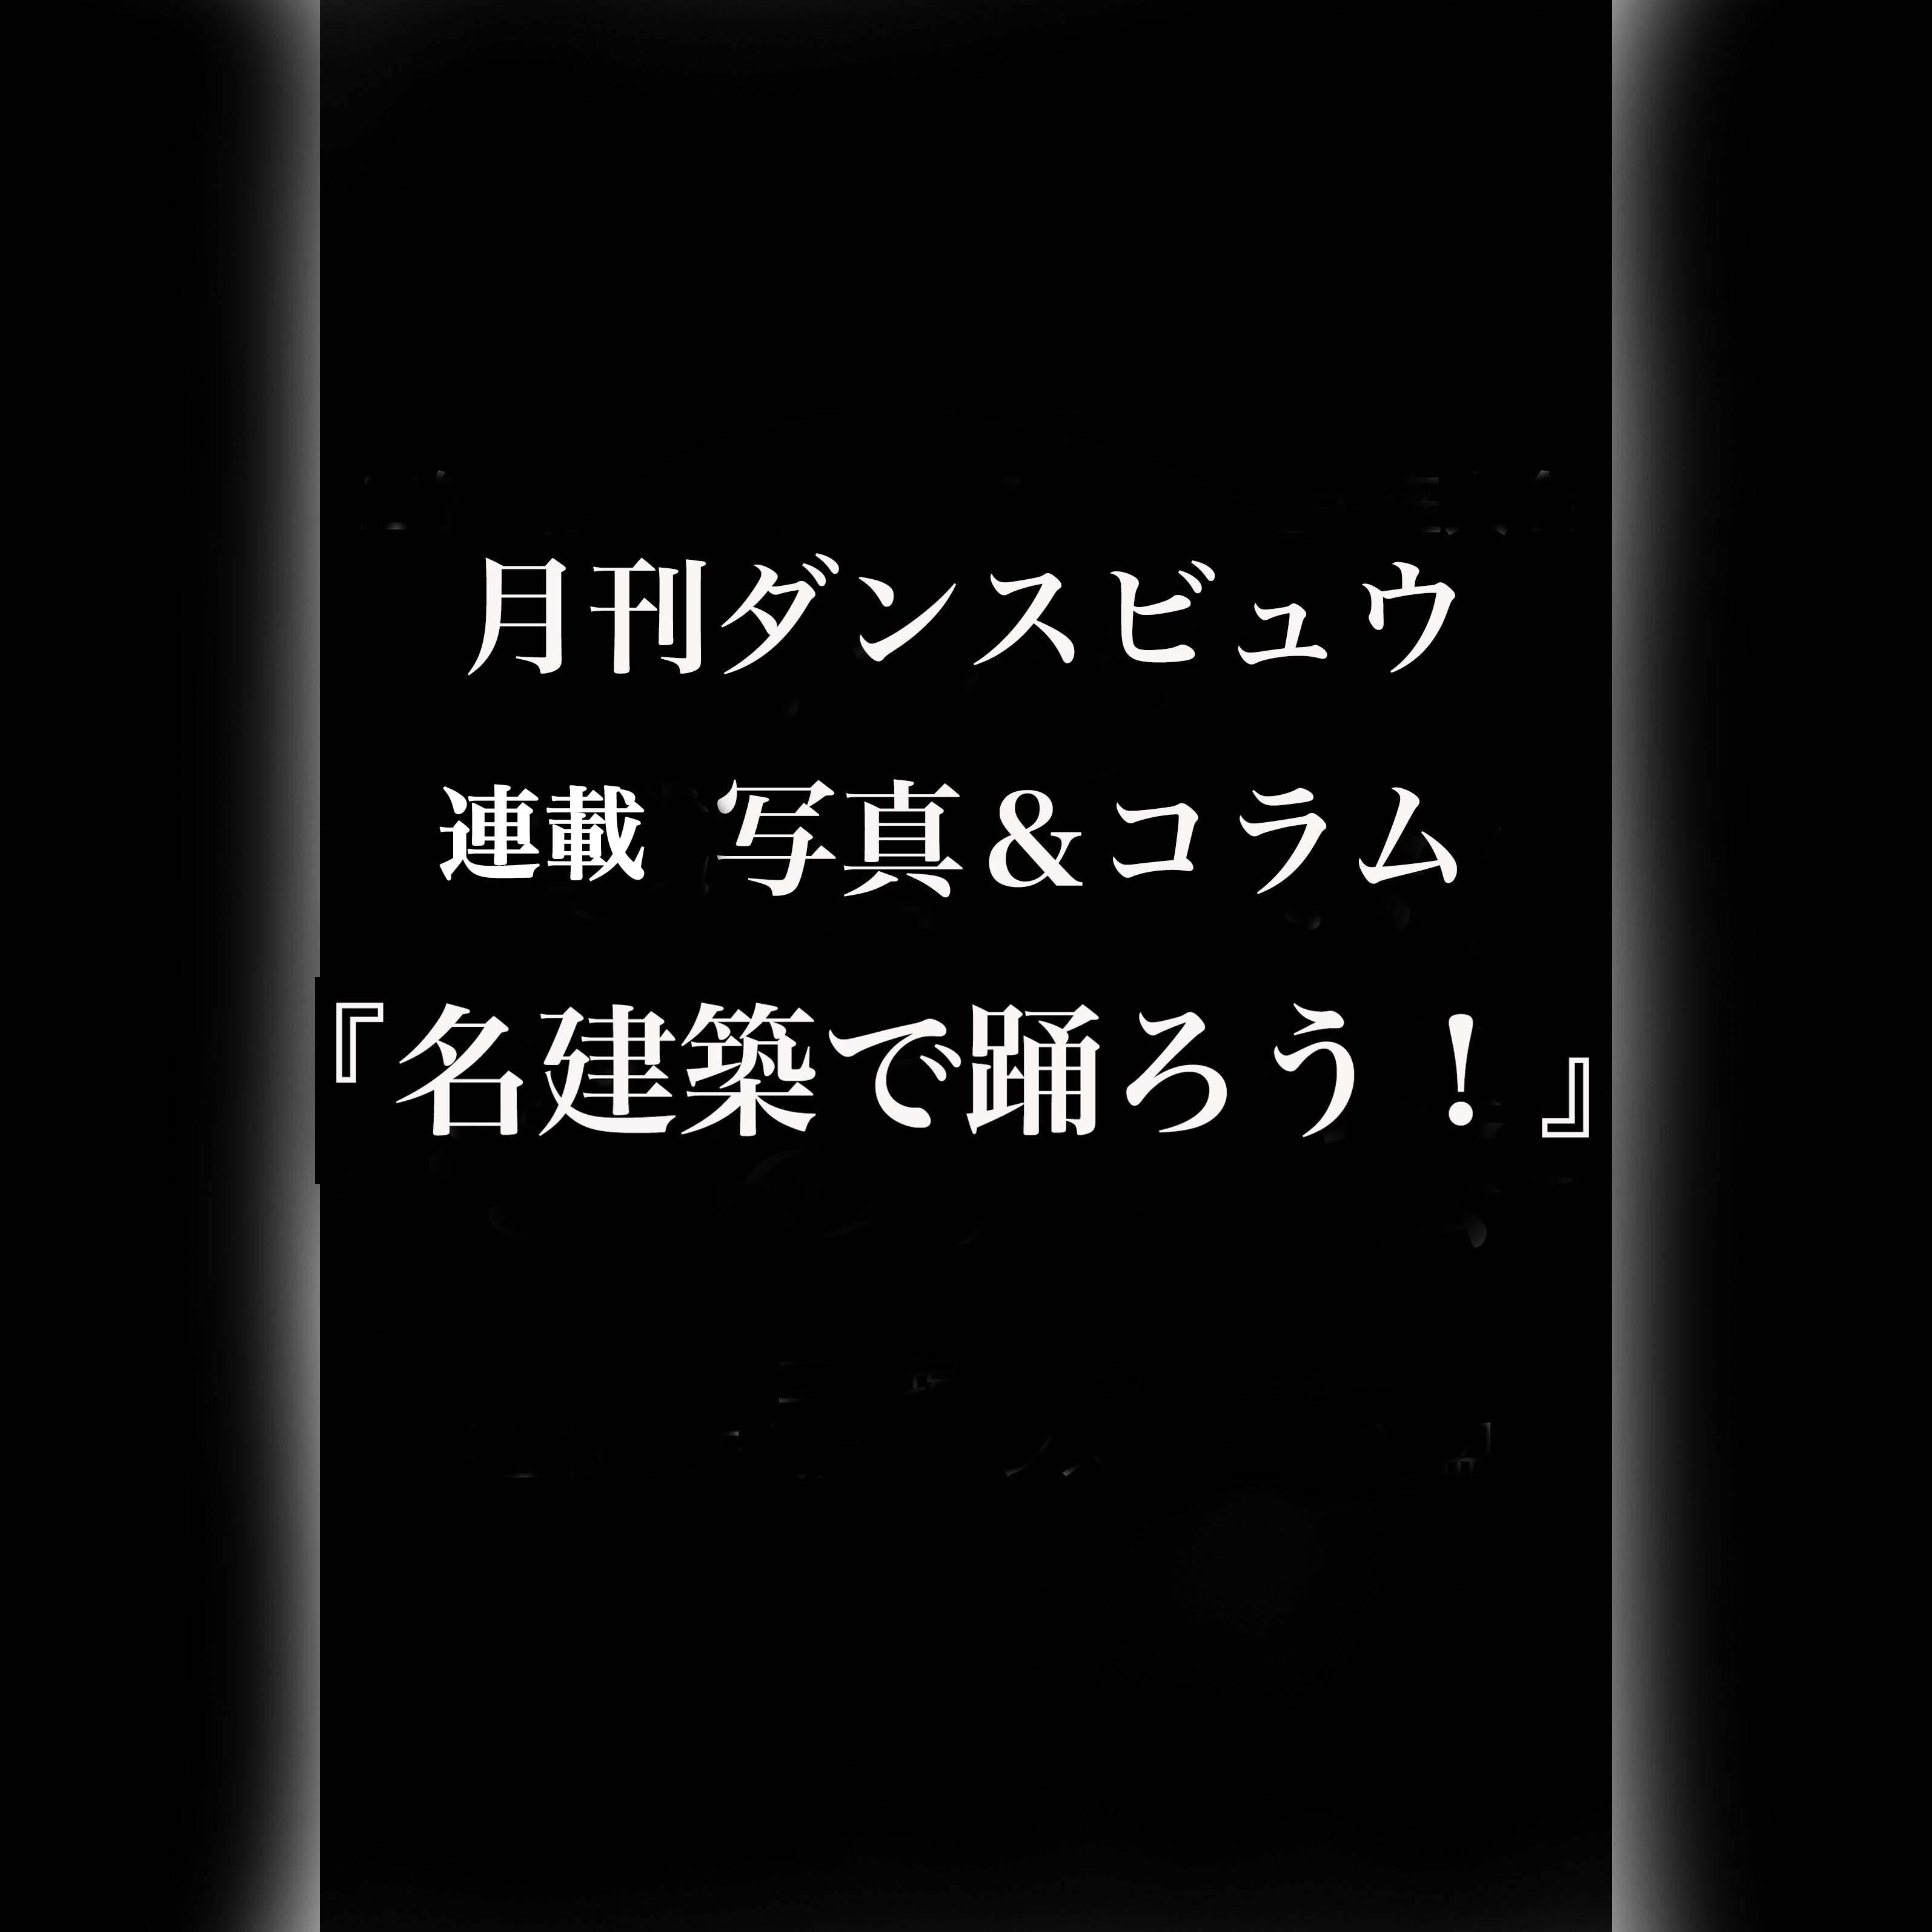 名建築で踊ろう_edited-1